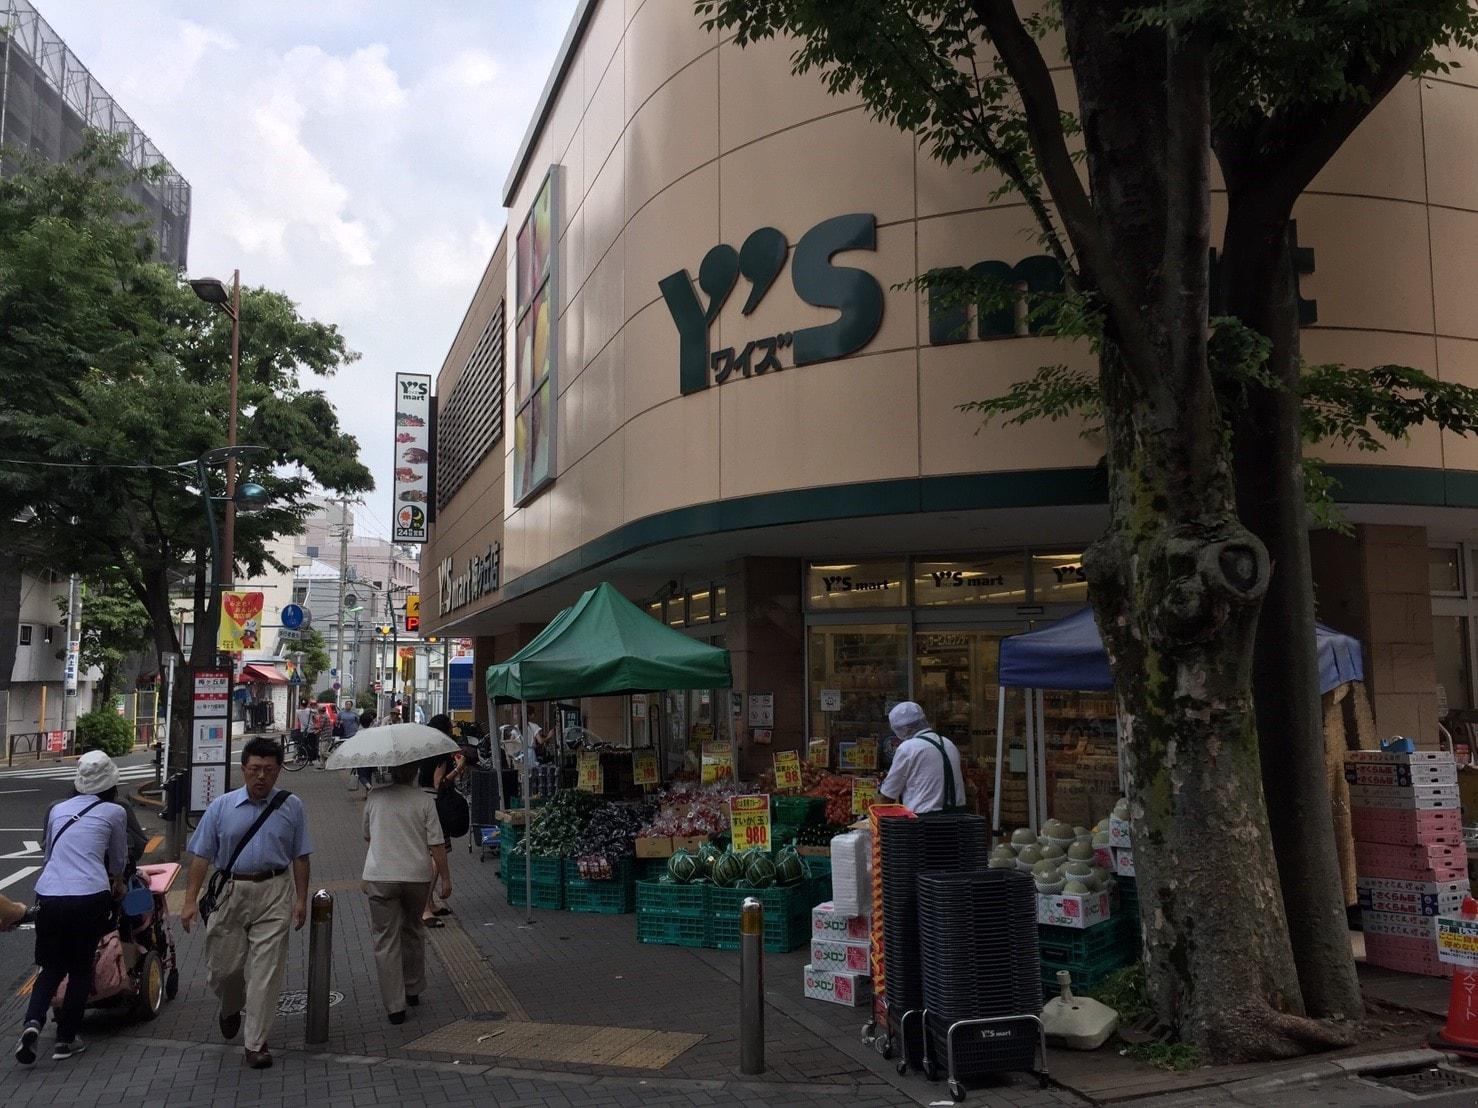 ワイズマート 梅ヶ丘店